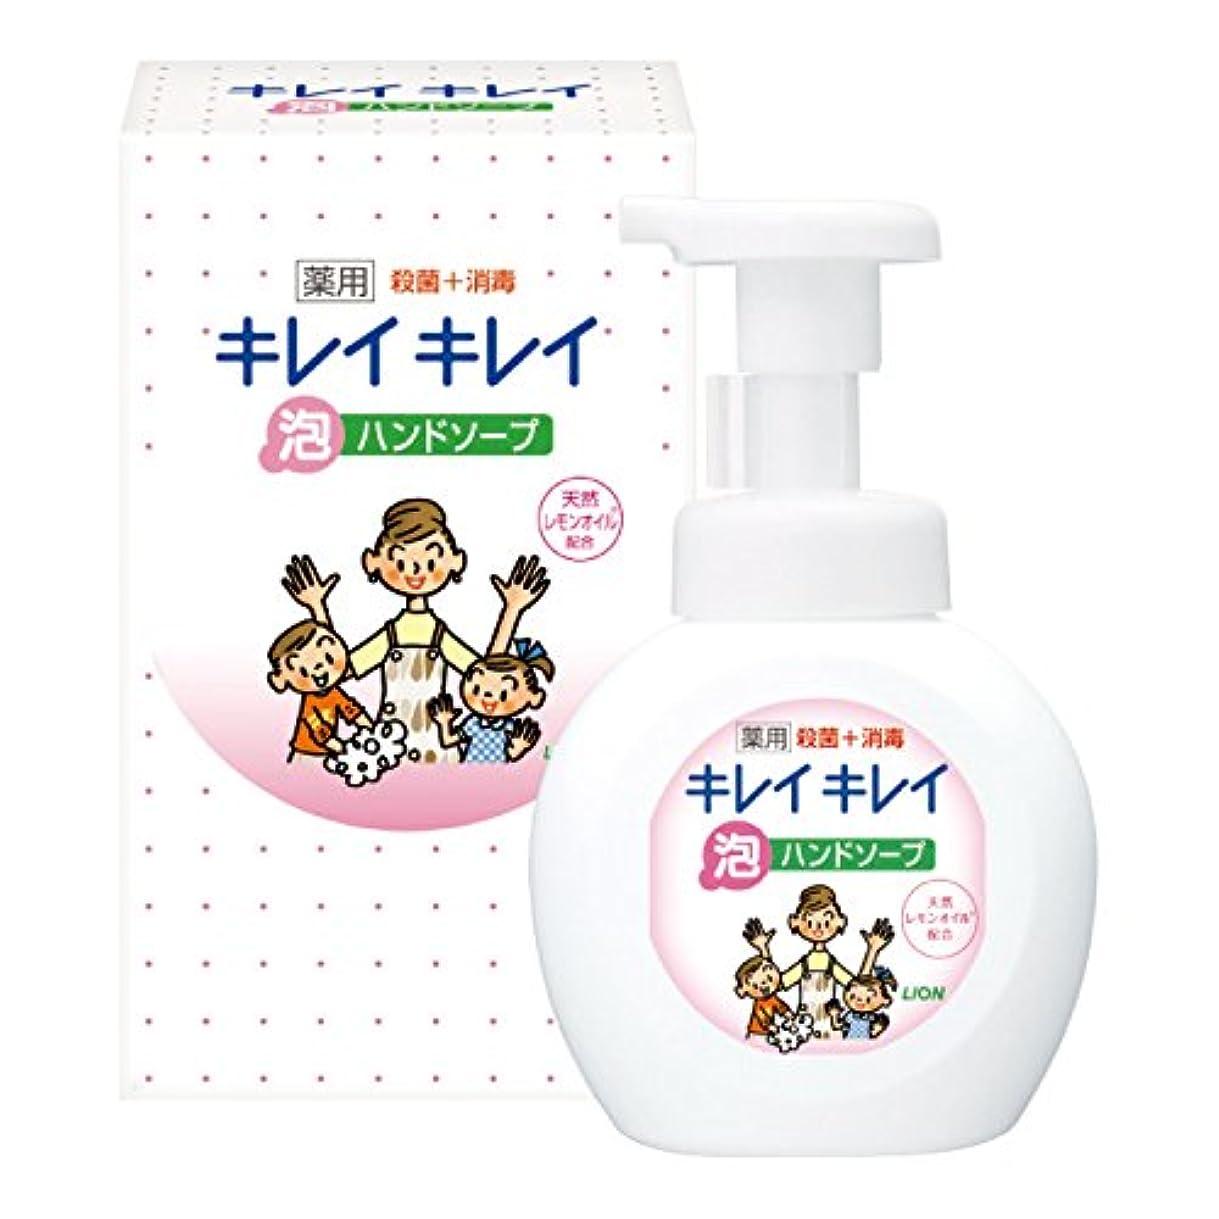 キレイキレイ薬用泡ハンドソープ(箱入)【25個セット】